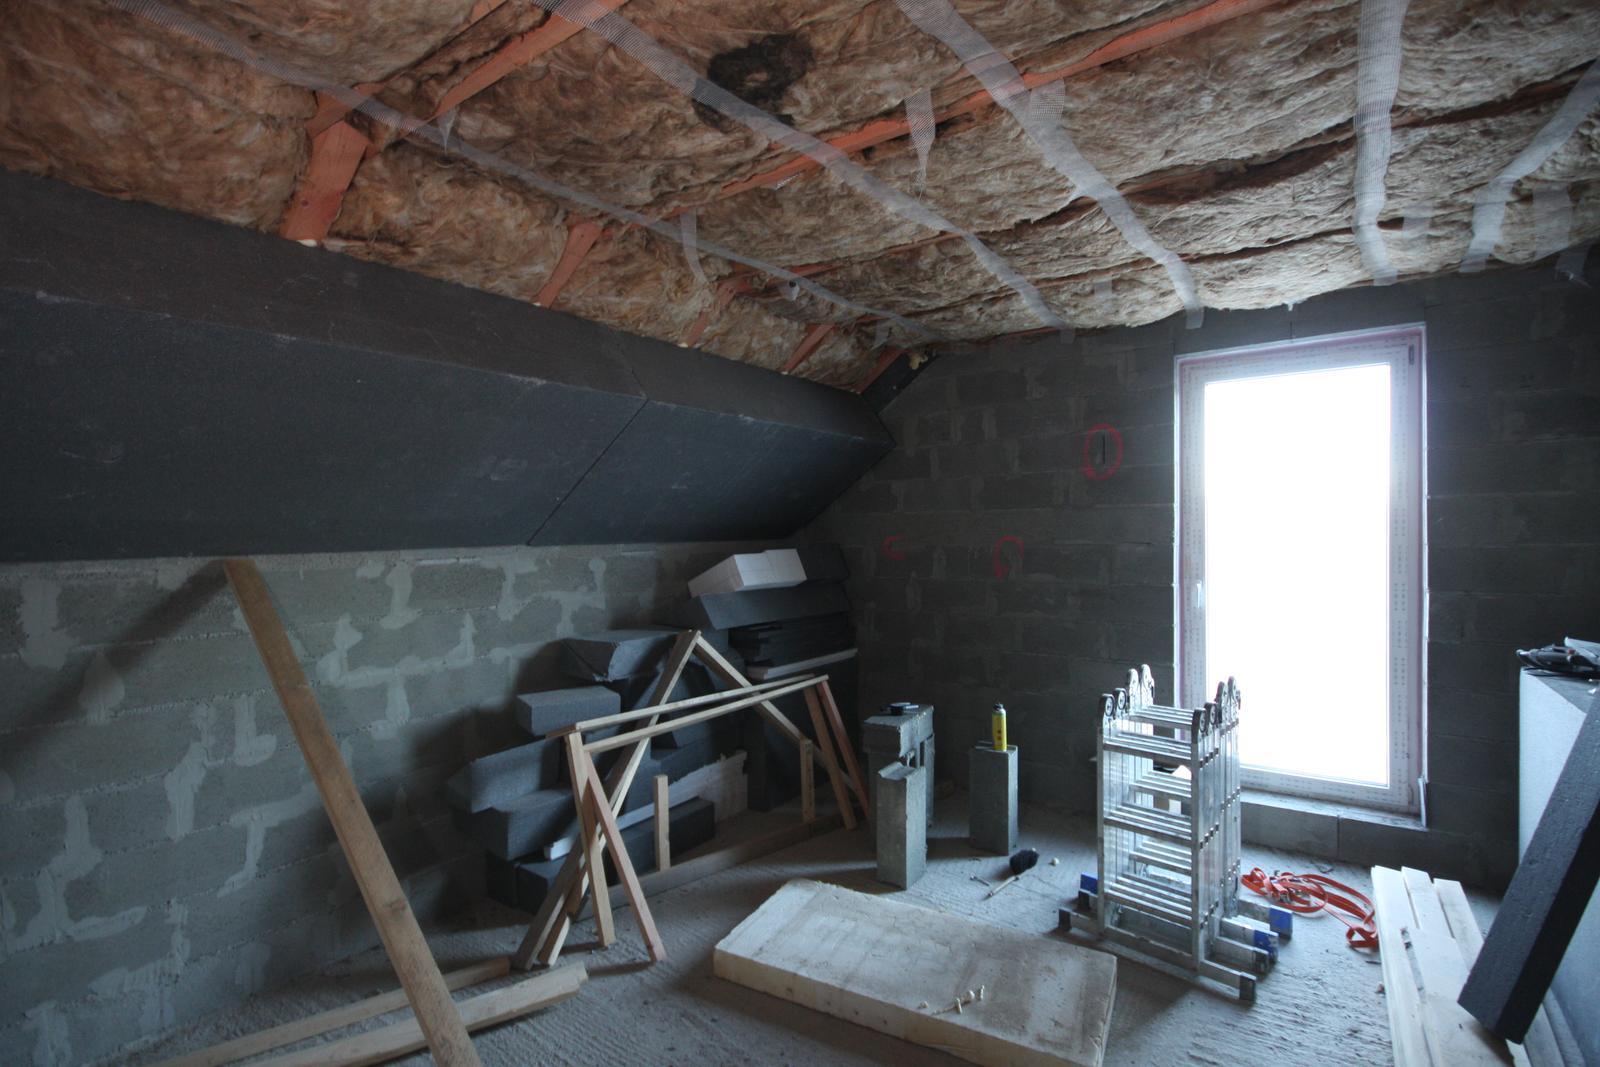 Nulový dom bez komína... Som UFO? - Polystyren pod strechou je zatial lepeny PU lepidlom (pur pena na EPS) o krokvy...